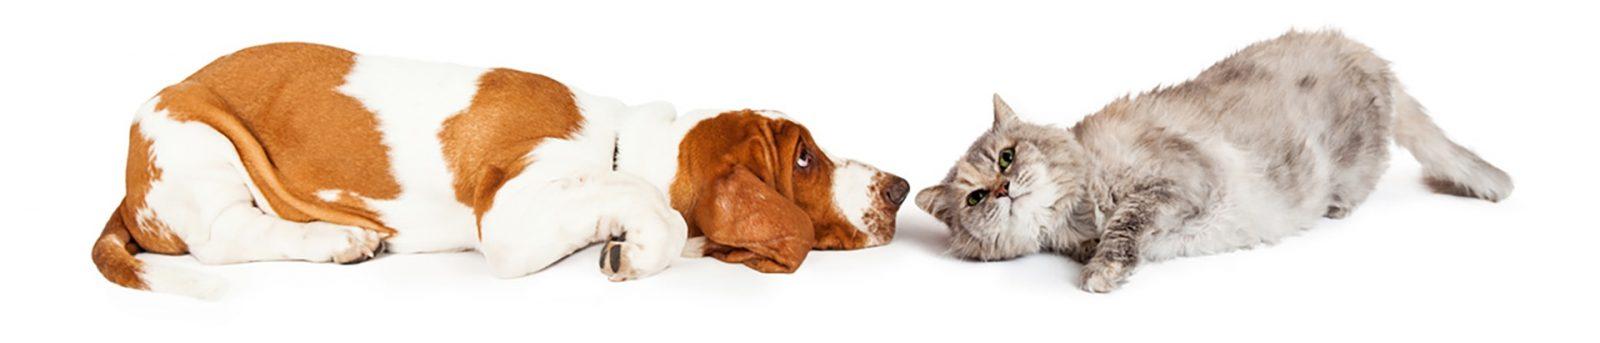 Hund und Katze liegen gegenüber bei MY BEST FRIEND